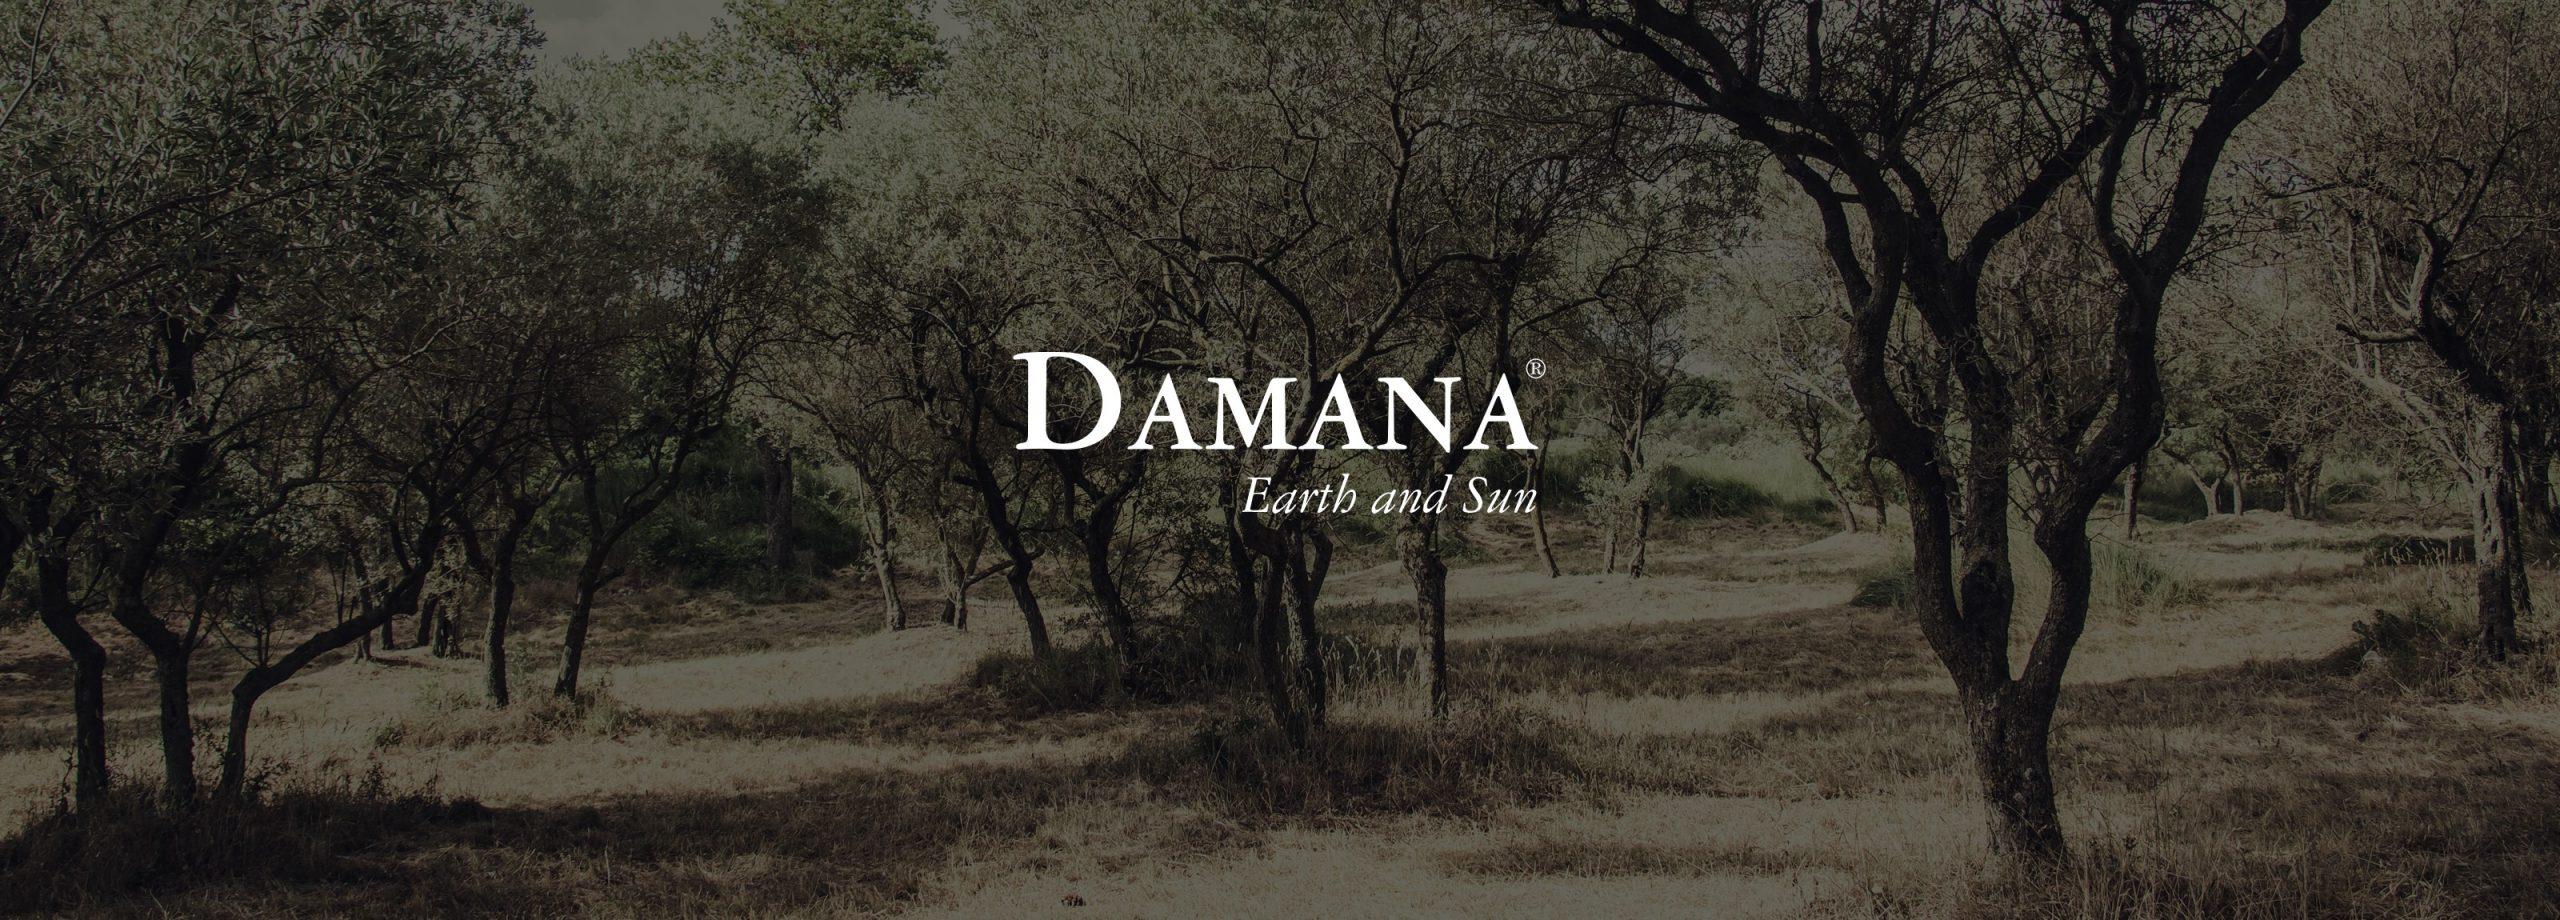 Damana Earth and Sun